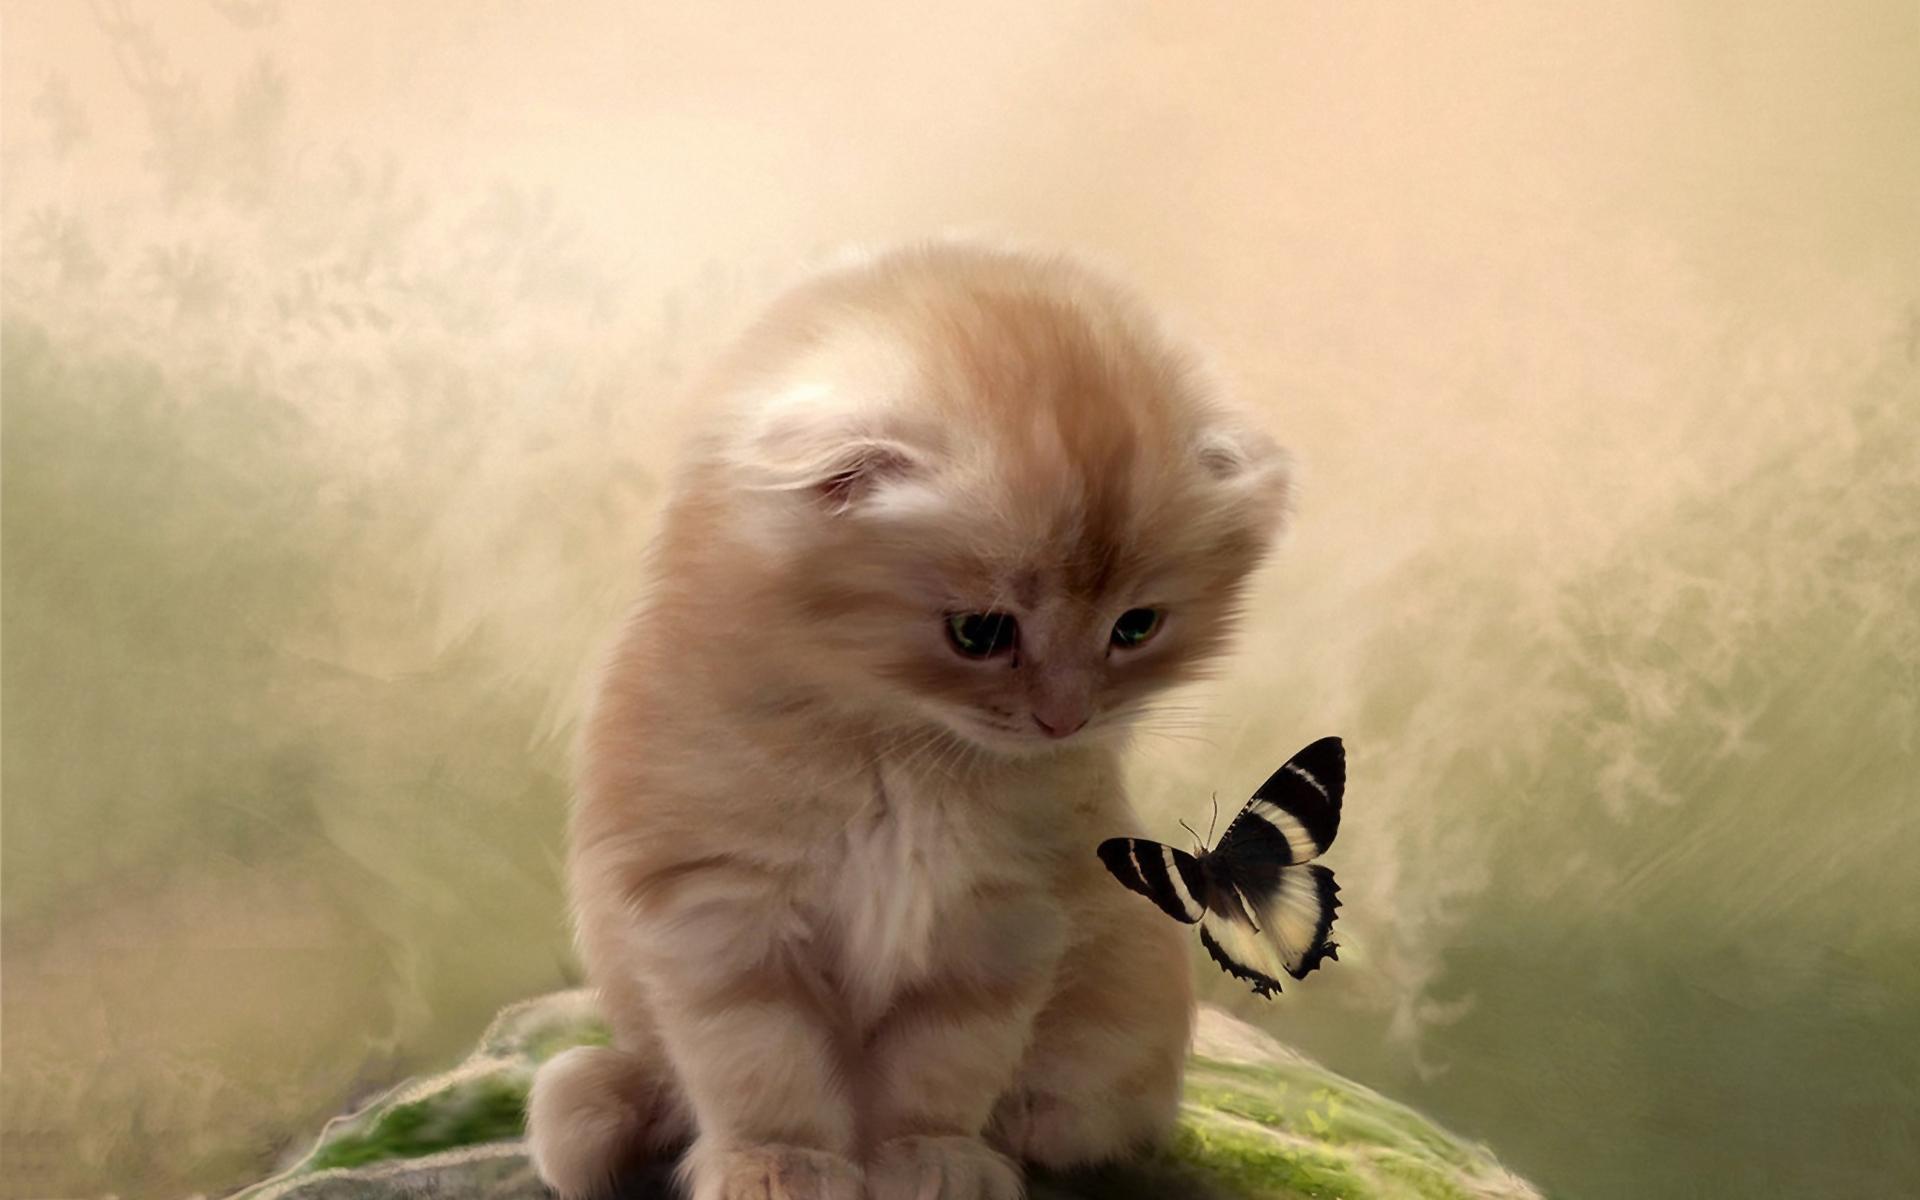 Kitty butterfly